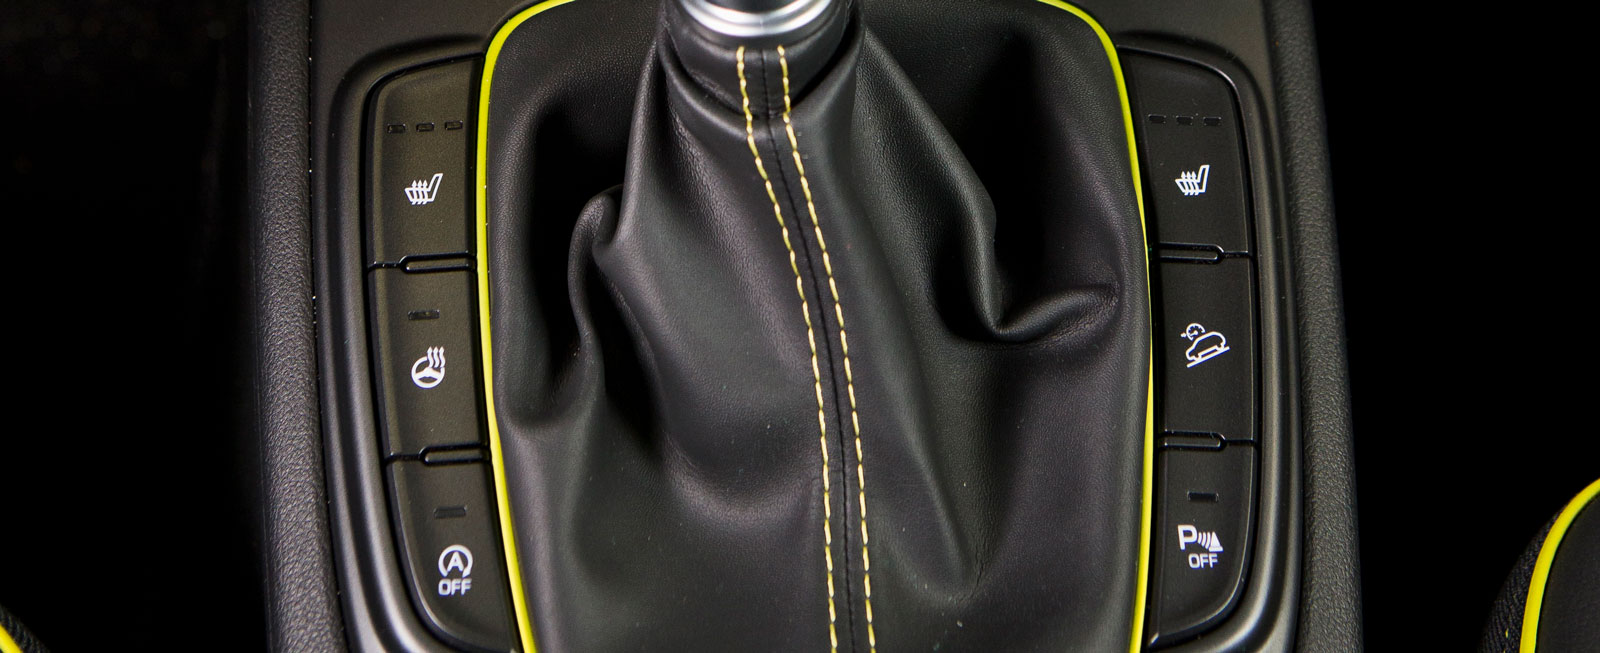 Ratt- och stolsvärme samt en del andra funktioner aktiveras med vettigt placerade knappsatser runt växelspaken.